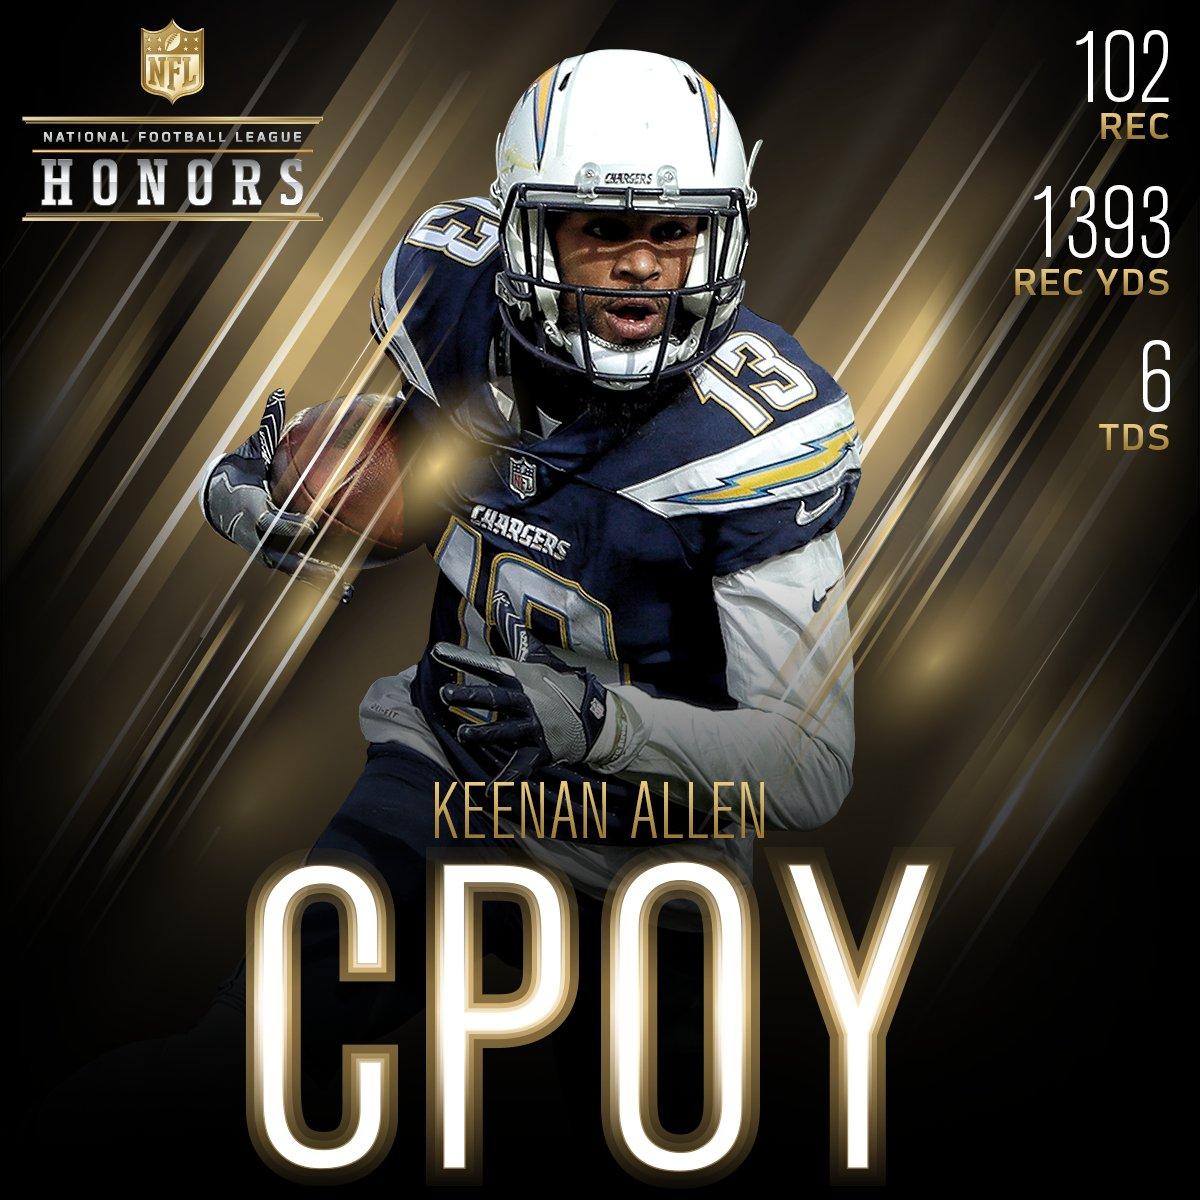 Comeback - Keenan Allen